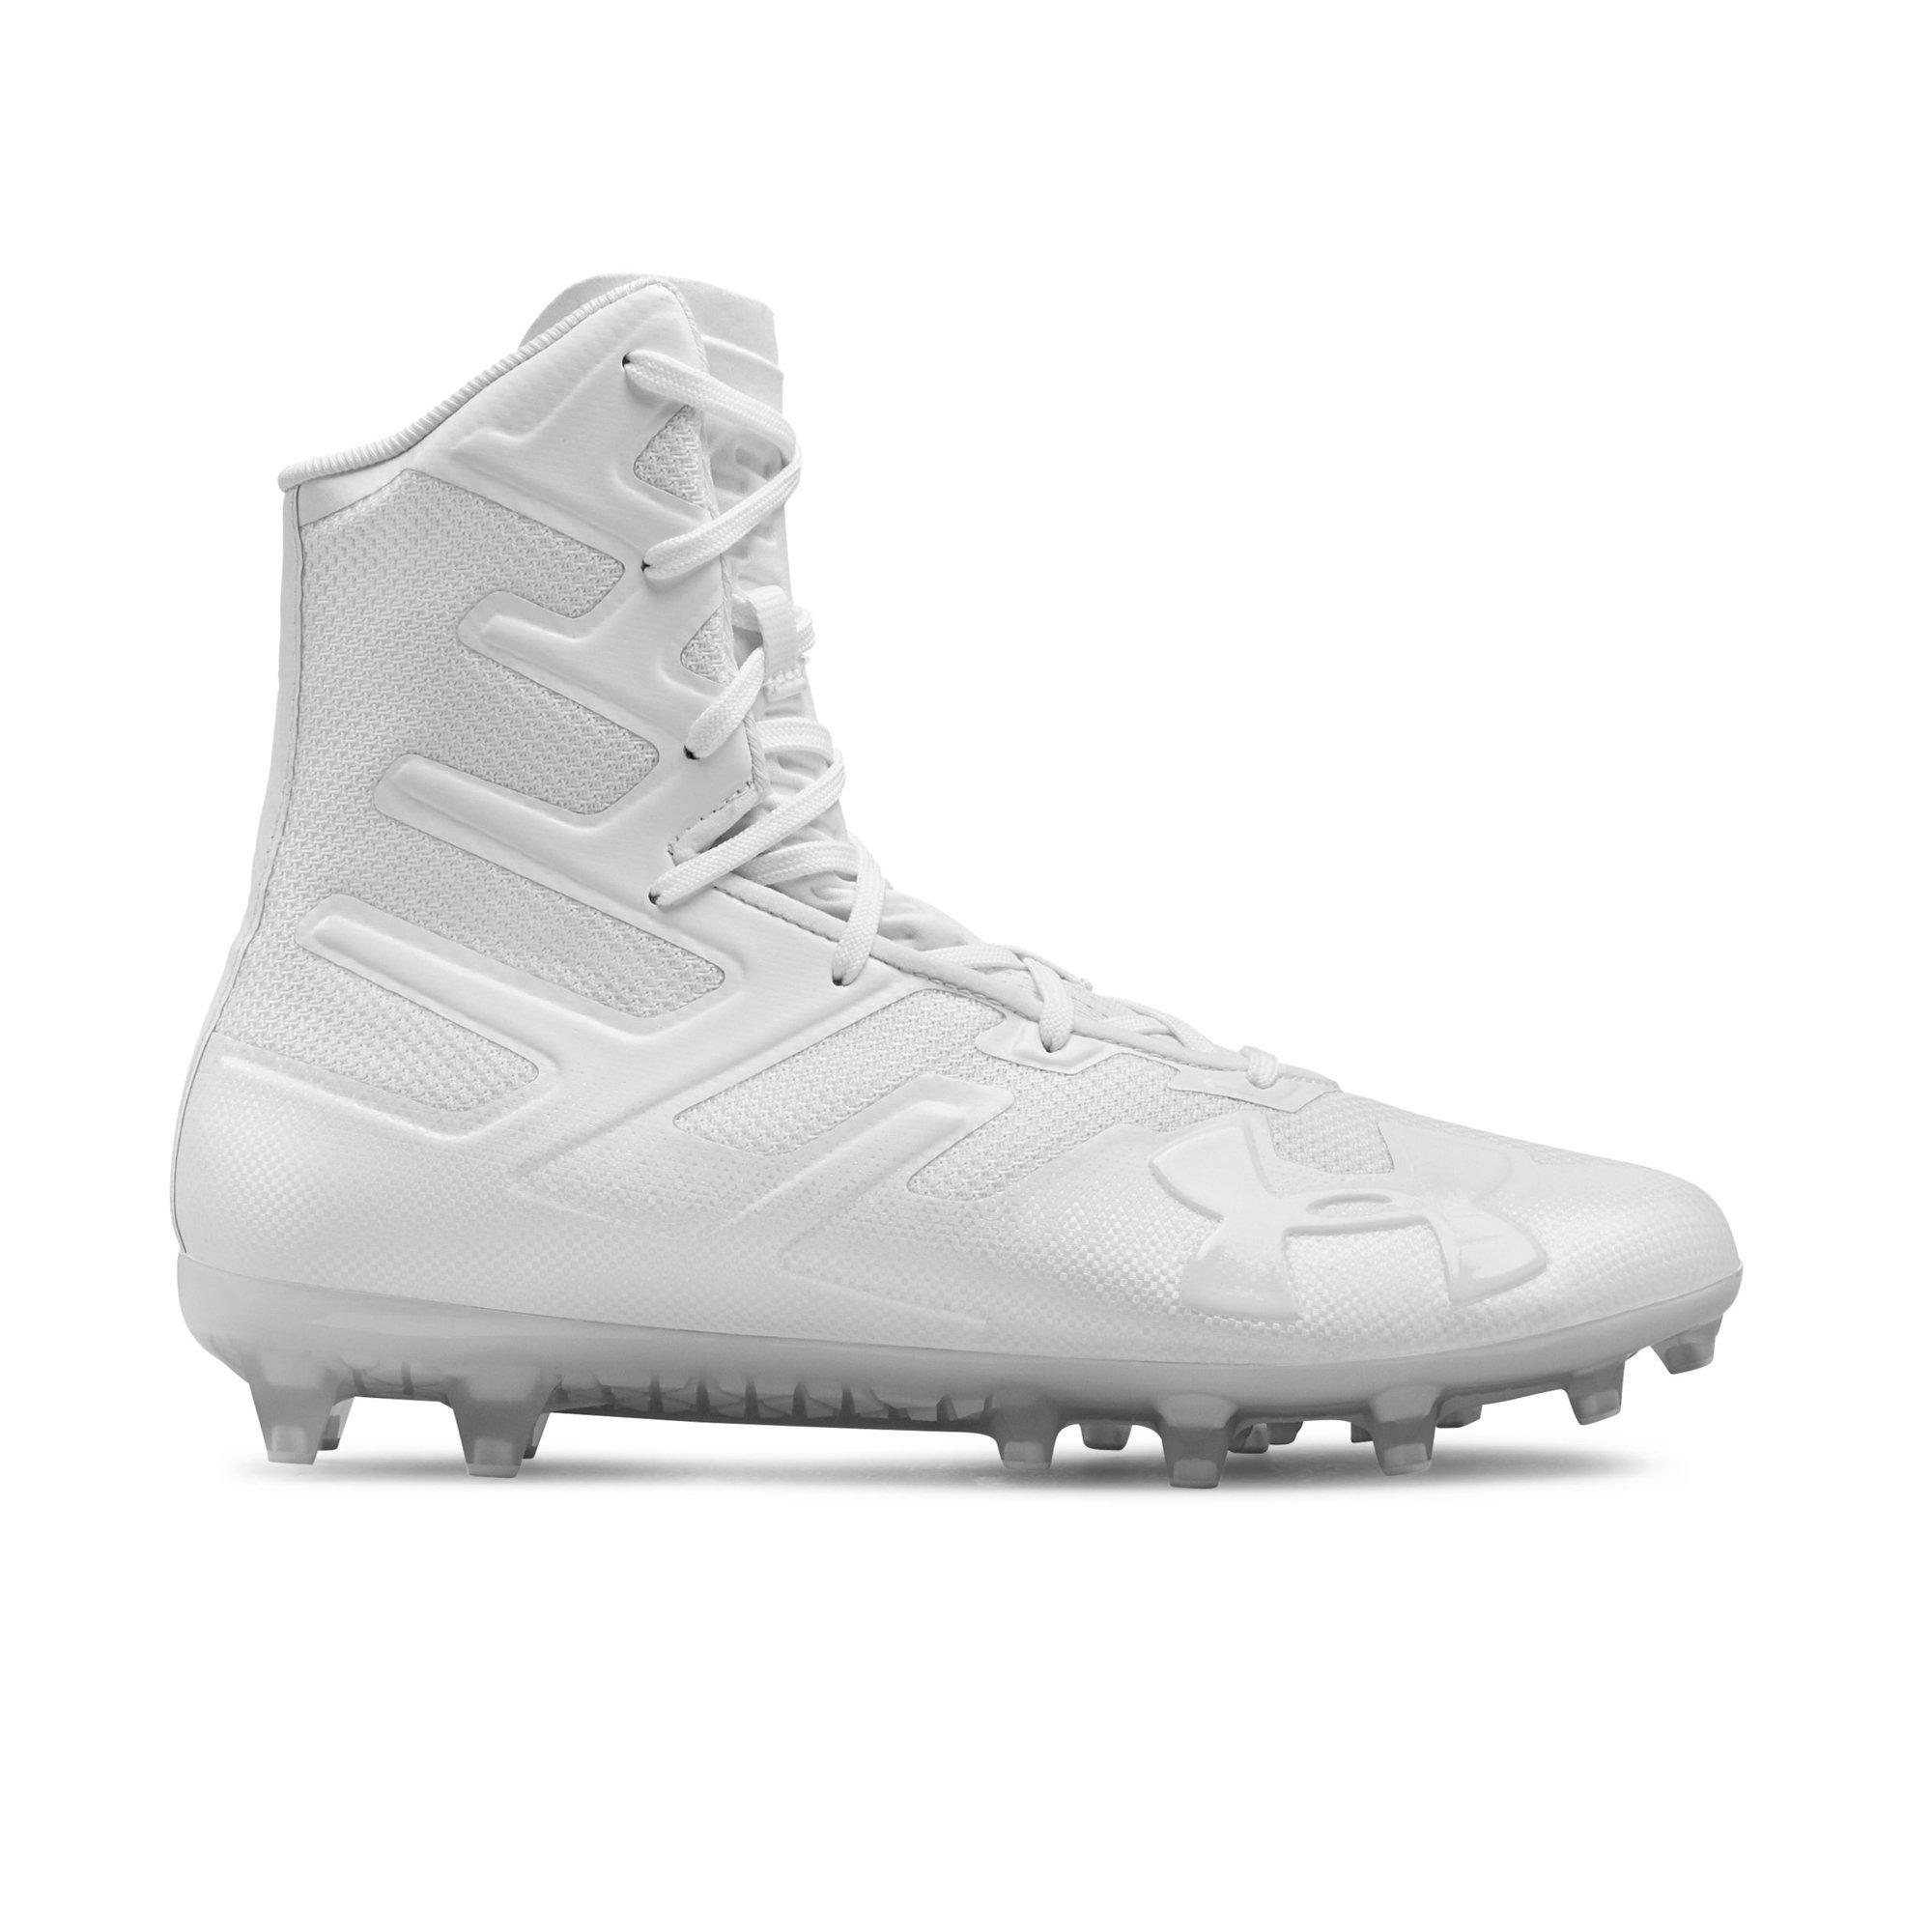 Football Cleats | Nike, Jordan, More